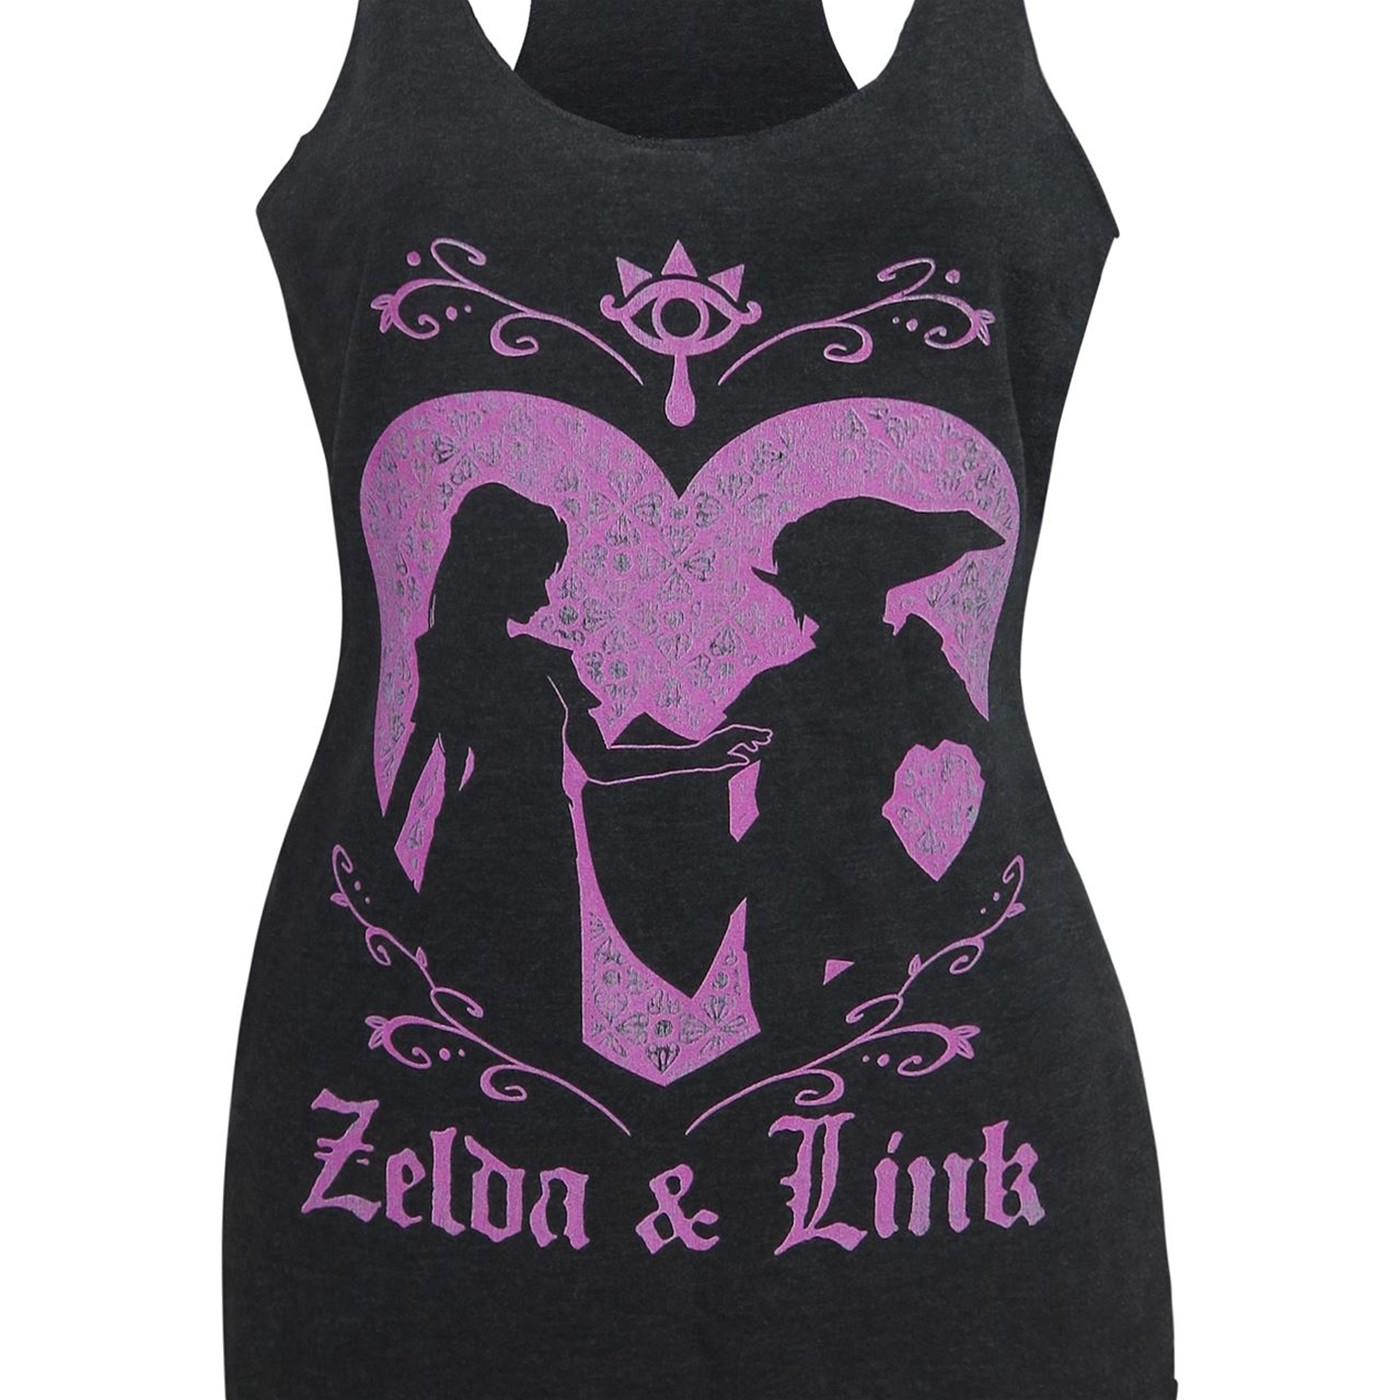 Zelda and Link Love Women's Tank Top